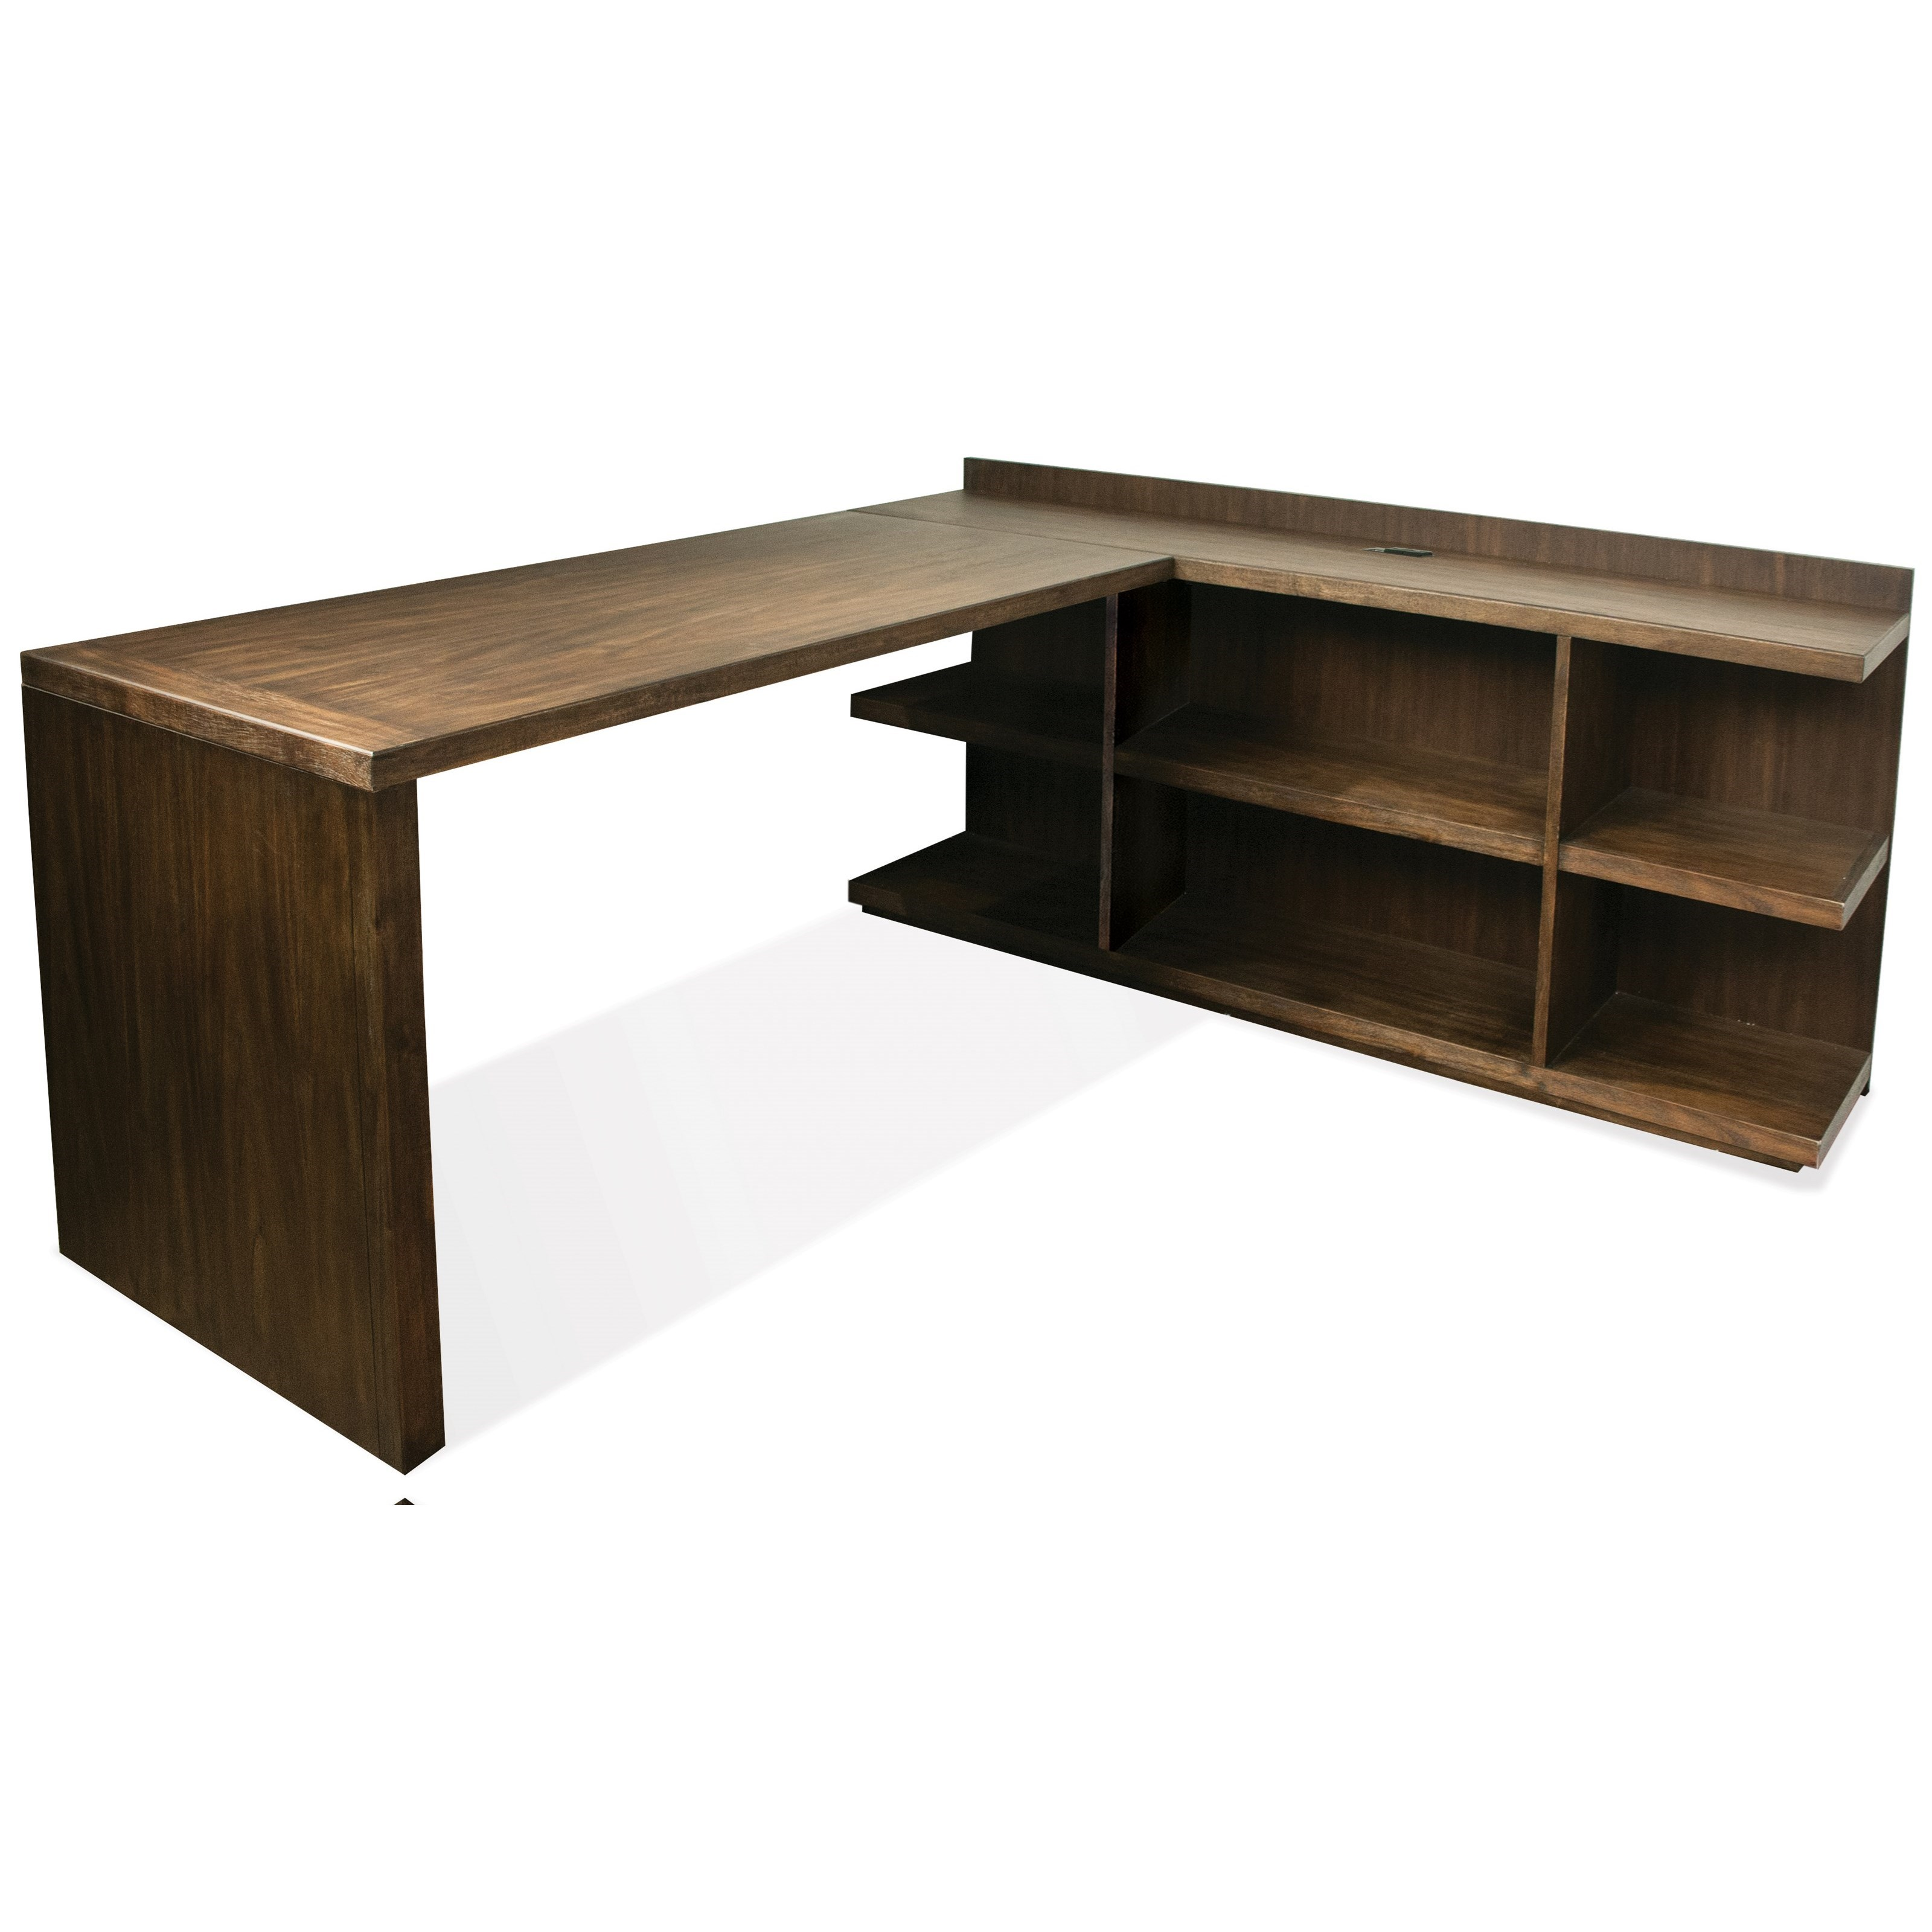 Perspectives L Shape Desk by Riverside Furniture at Mueller Furniture